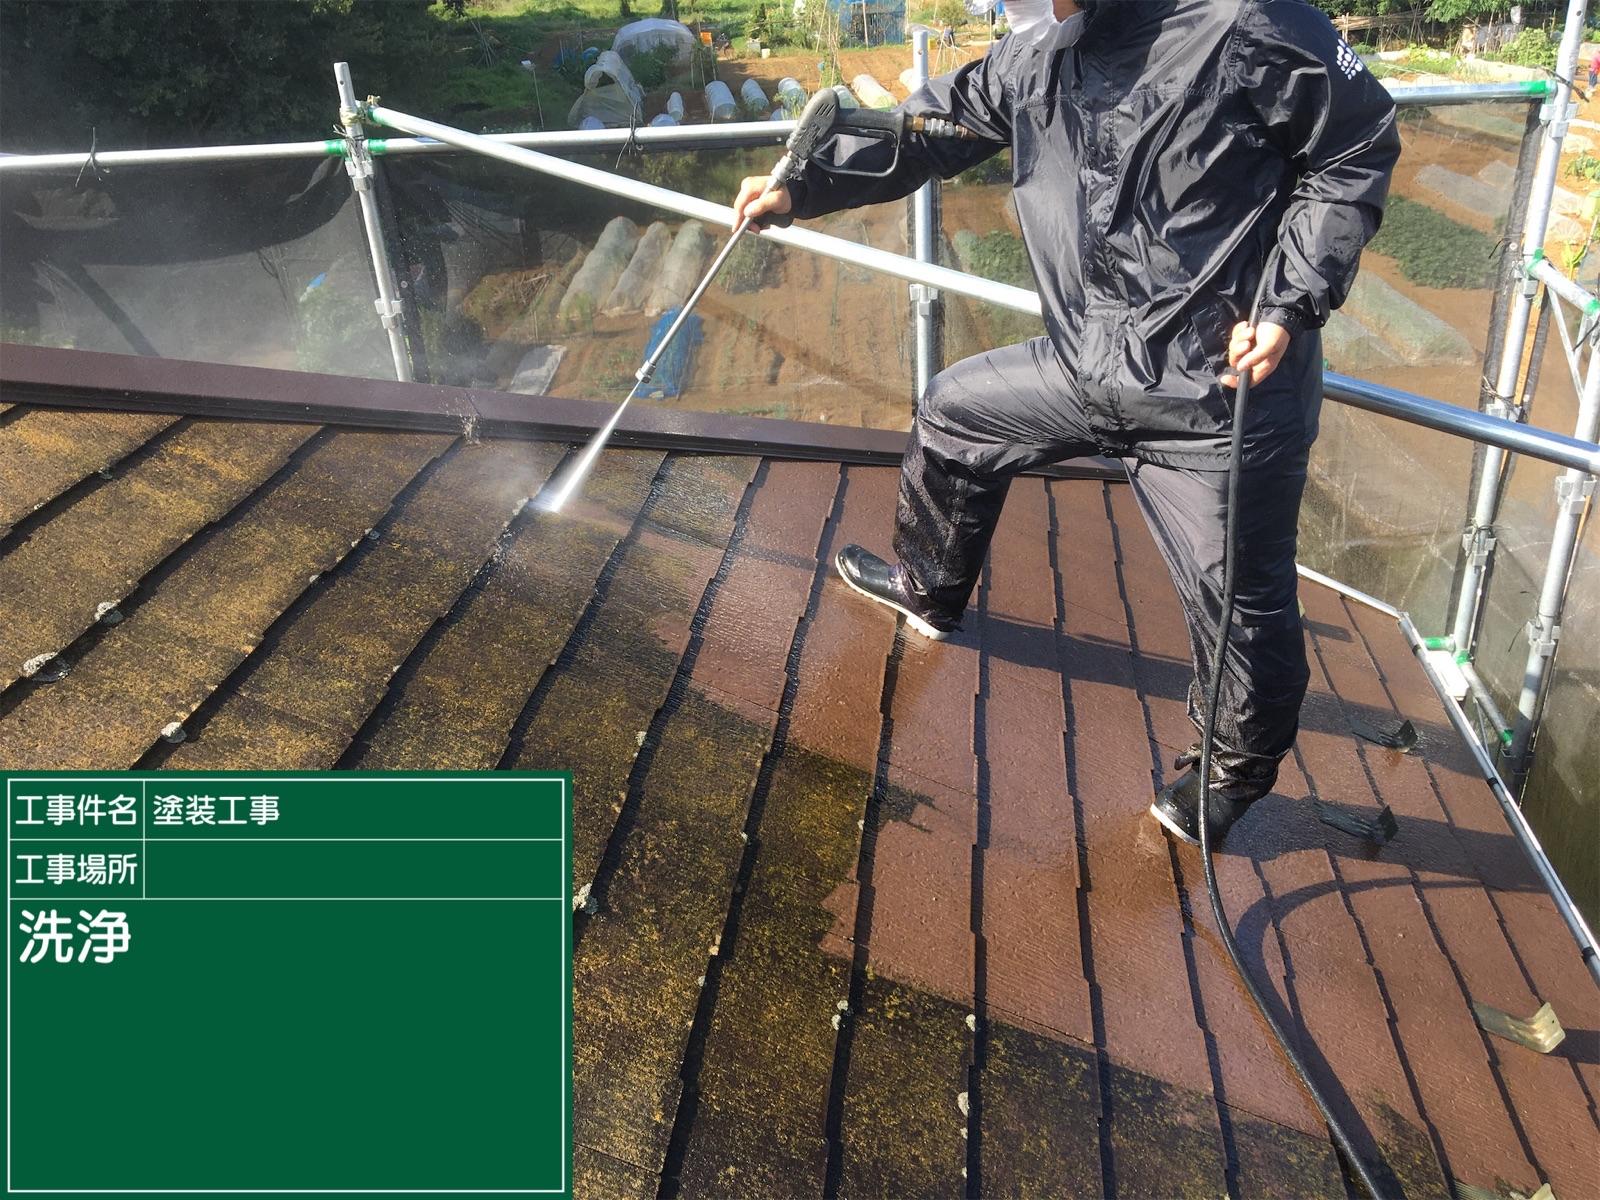 高圧洗浄中屋根(3)300016